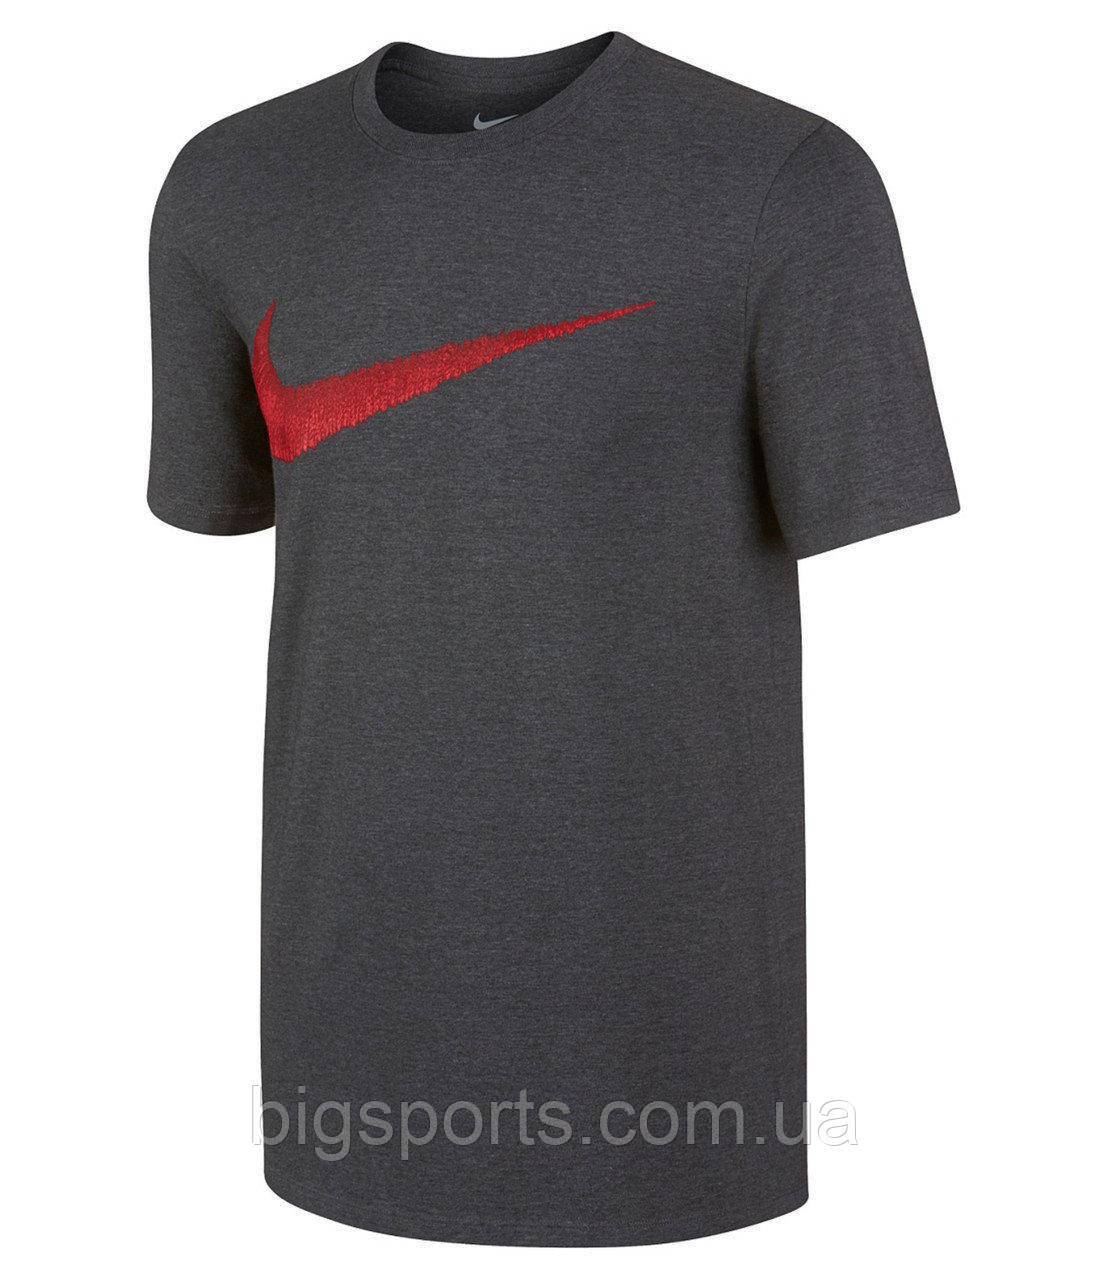 Футболка муж. Nike M Nsw Tee Hangtag Swoosh (арт. 707456-071)